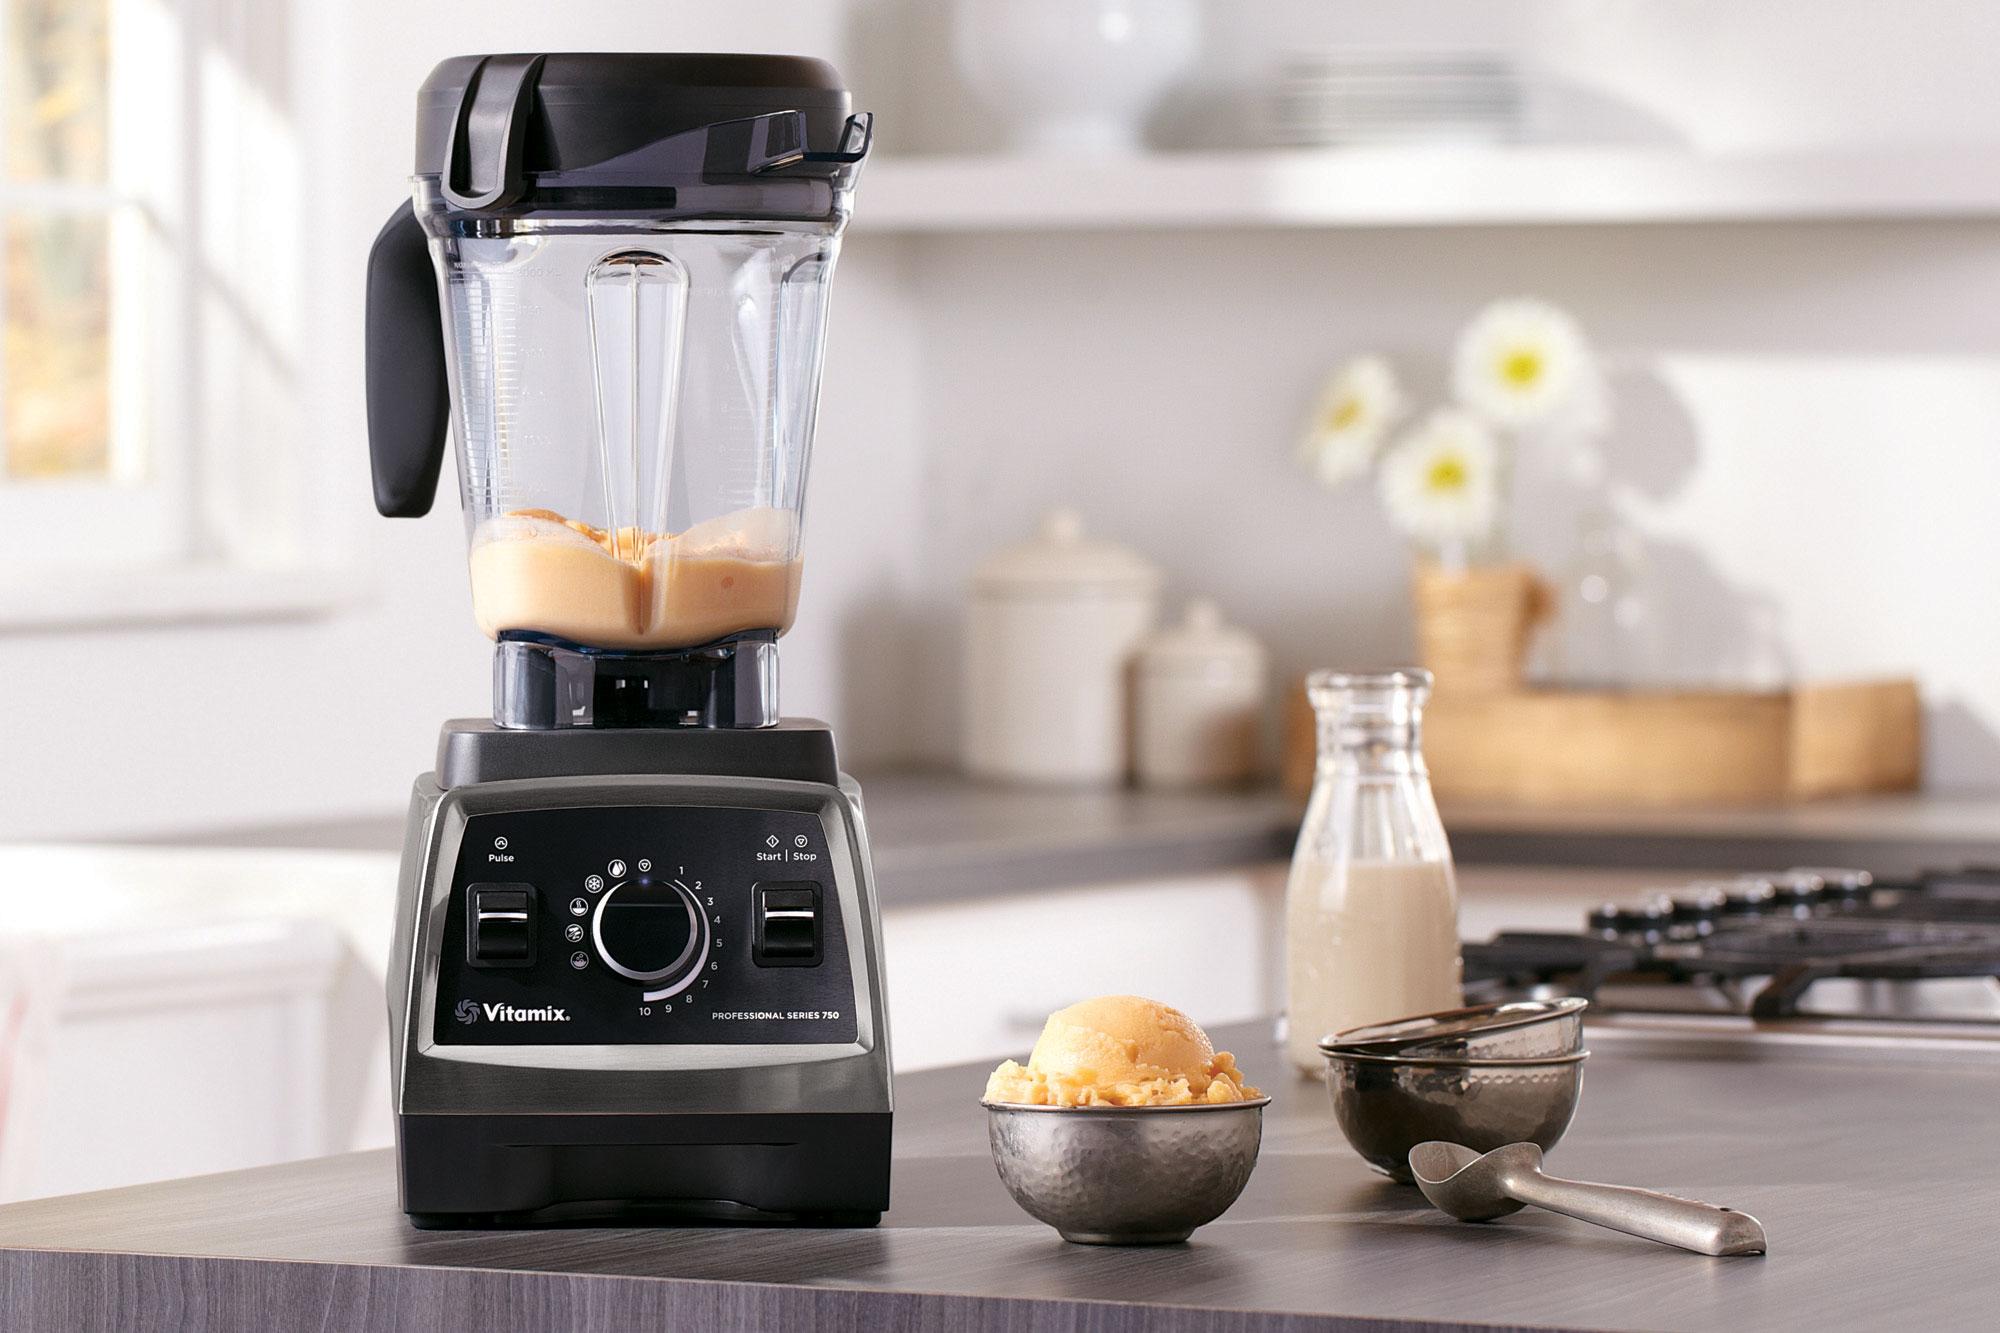 полезно помощь полезное устройство покупки что делать блендер кухня